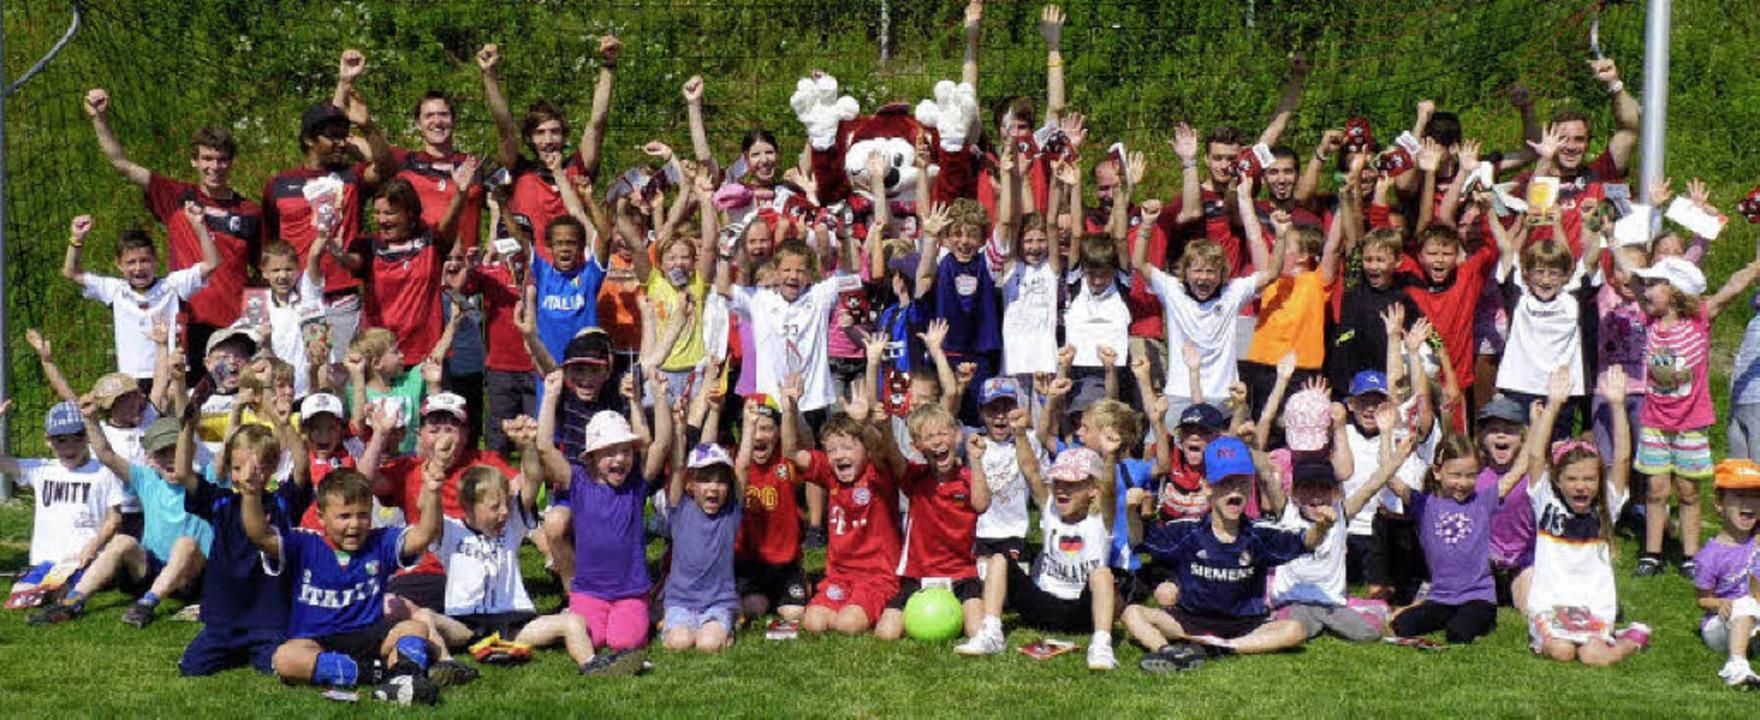 Spaß mit der Fußballschule des SC Freiburg hatten die Kinder in Kiechlinsbergen.  | Foto: Christel Hülter-hassler